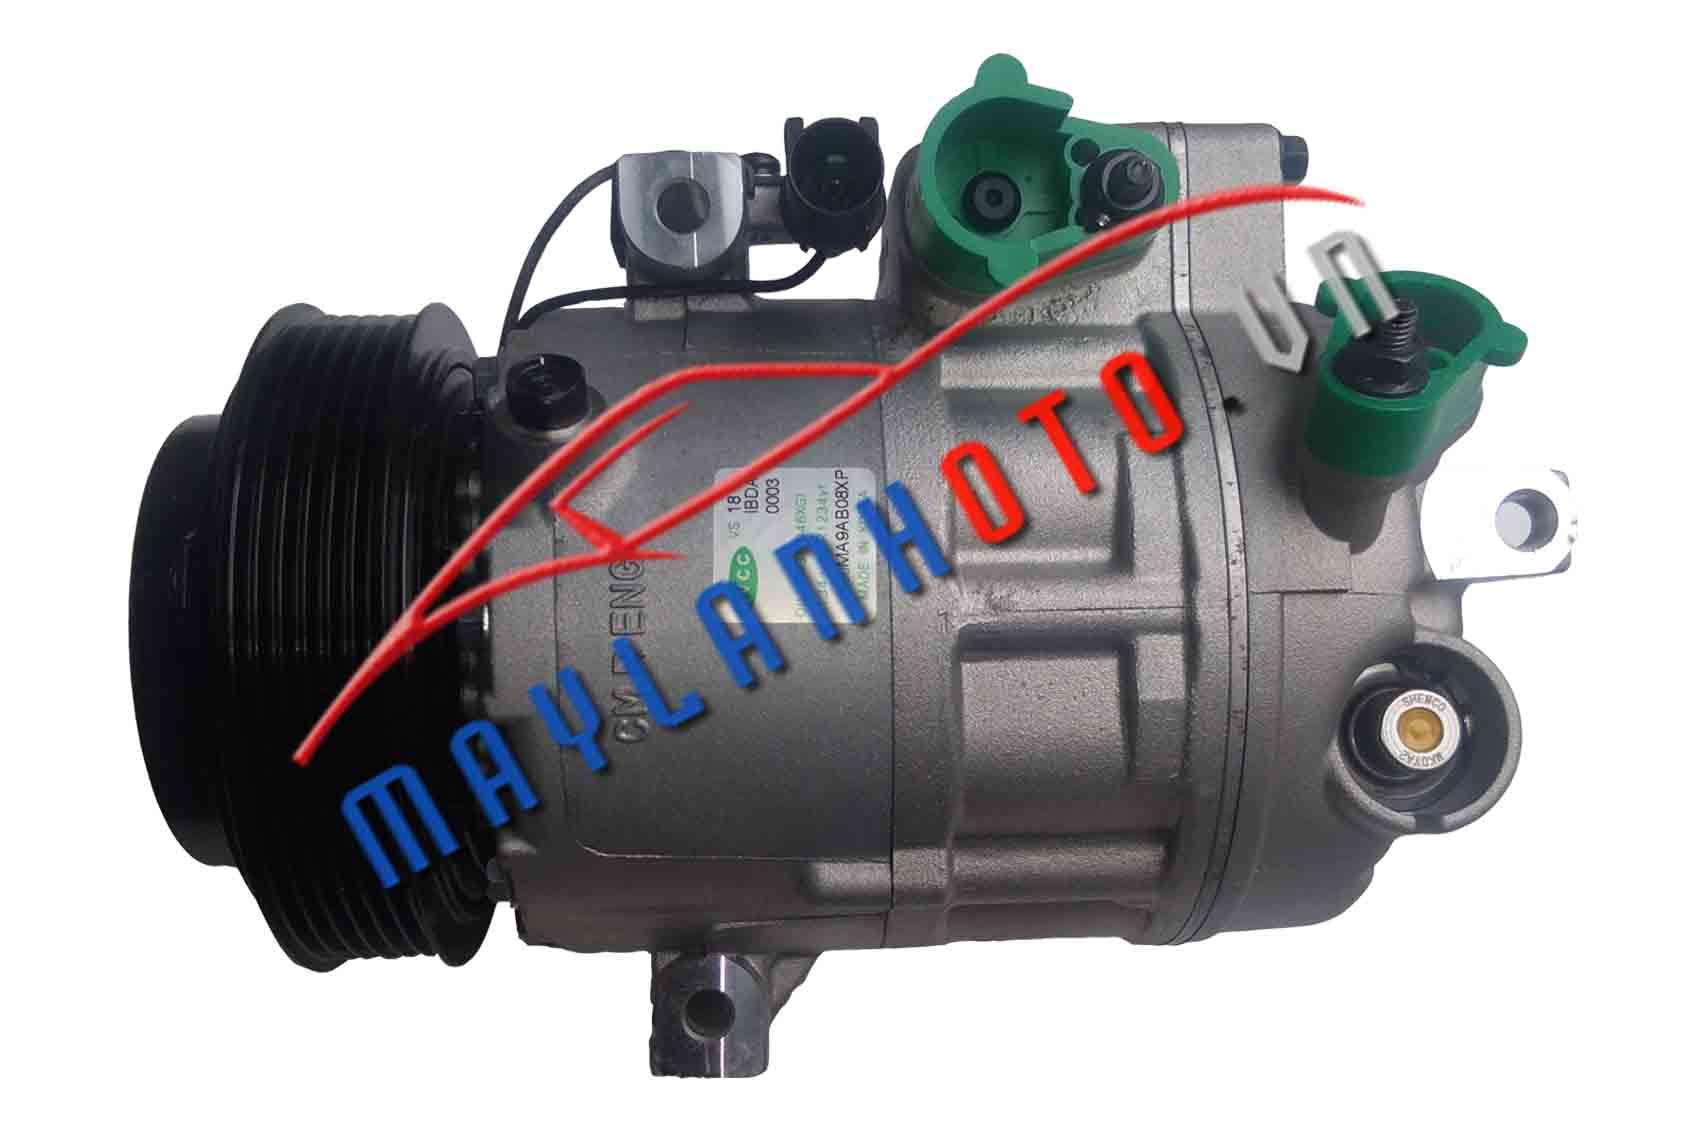 SantaFe SLX  / Máy nén khí điều hòa Hyundai Santafe SLX/ Lốc lạnh điều hòa Hyundai SantaFe SLX